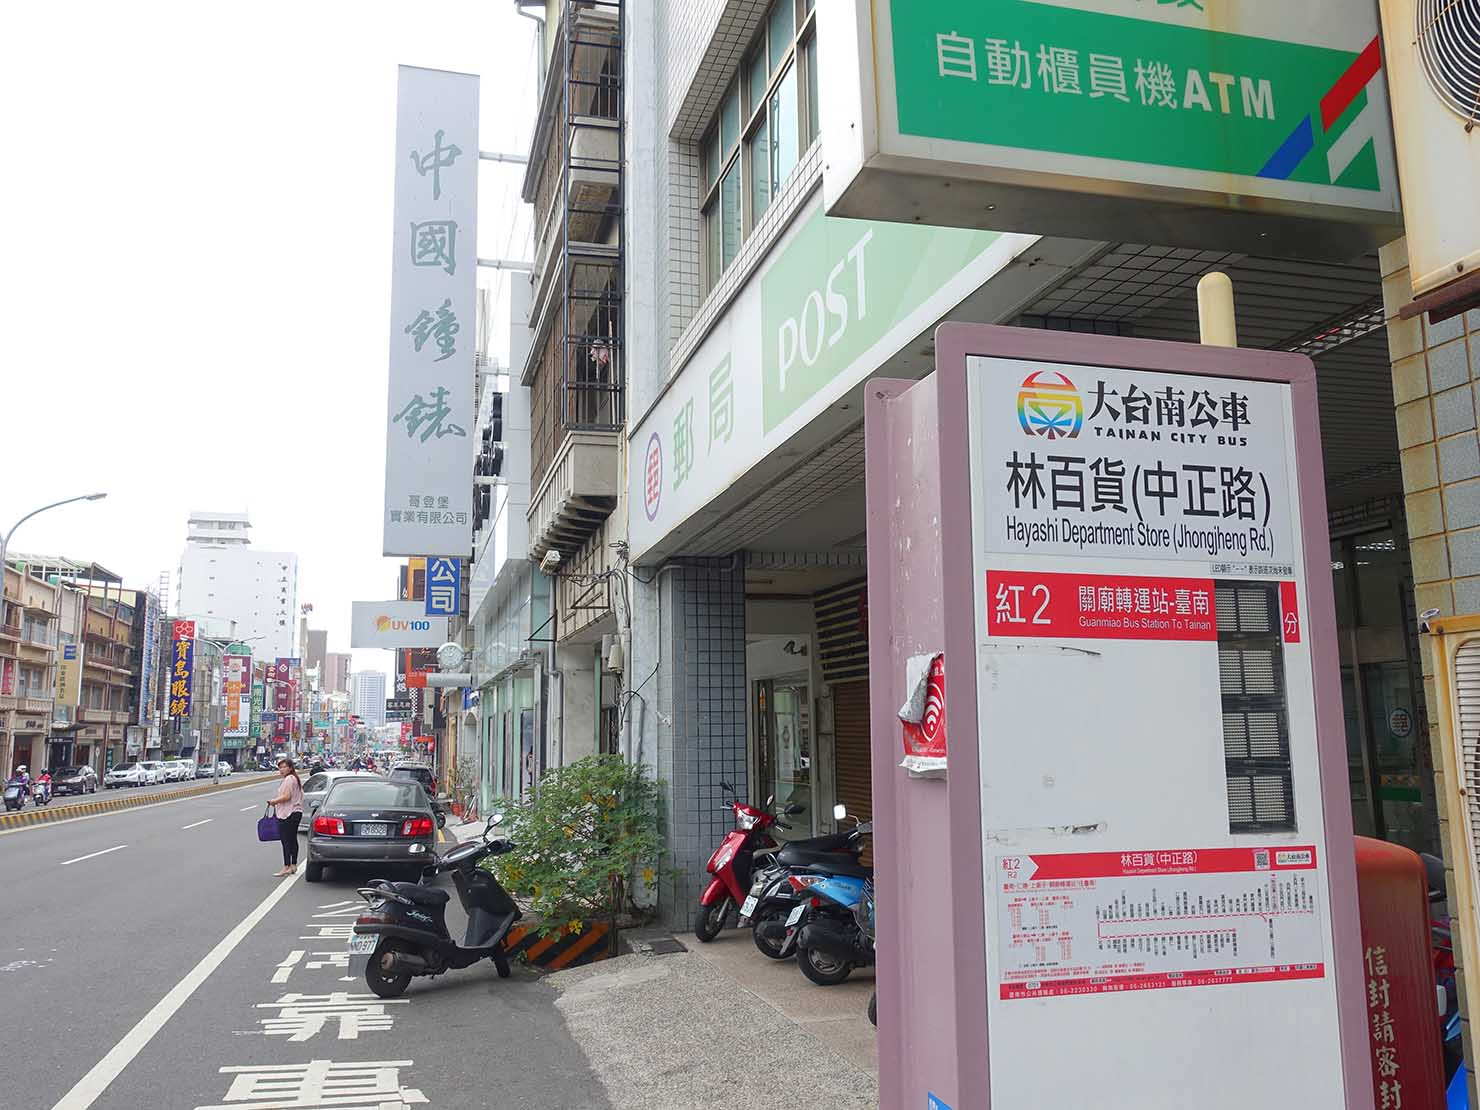 台南・林百貨(中正路)のバス停